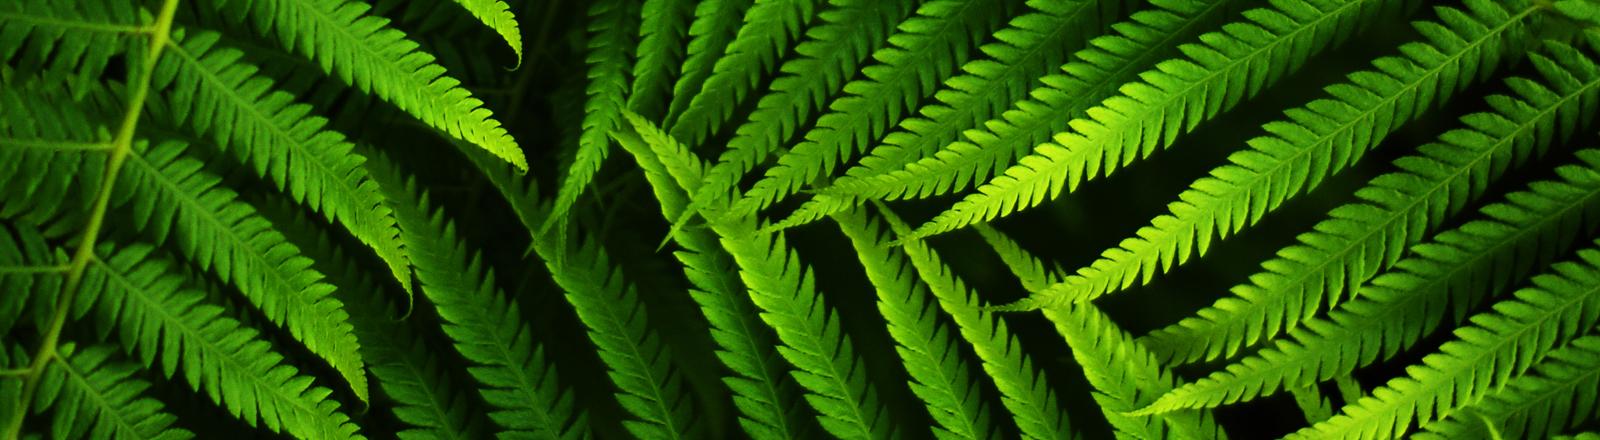 Nahaufnahme von Blättern im Dschungel.